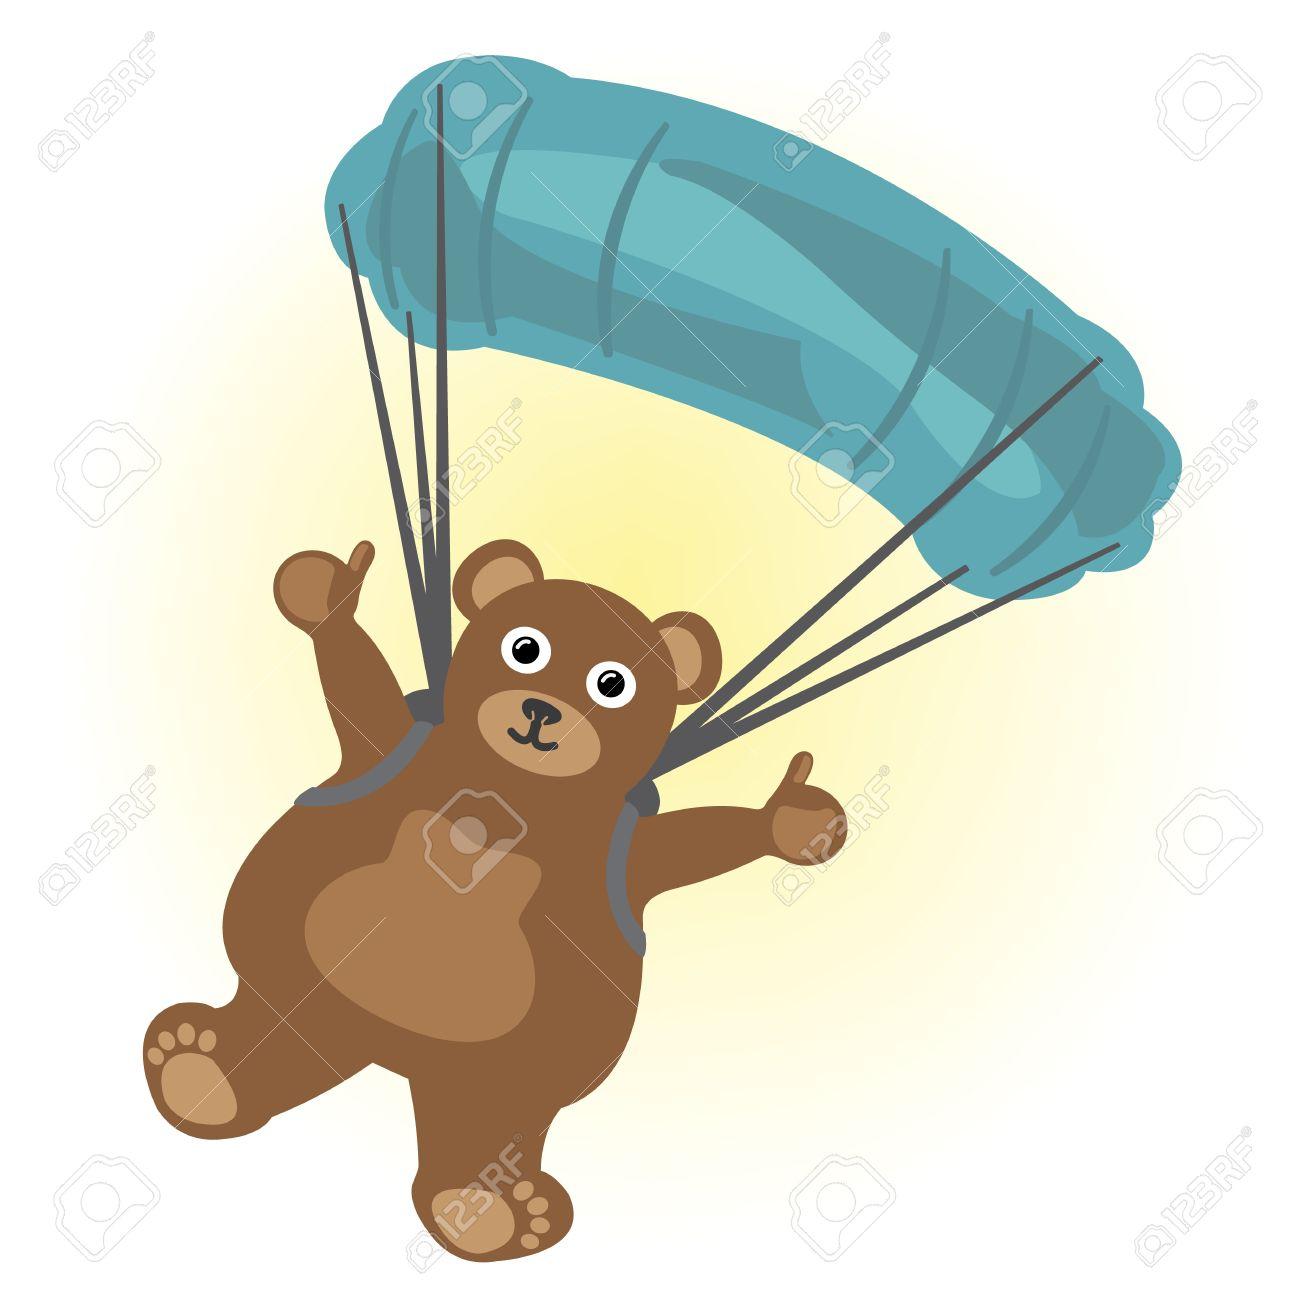 Cartoon little bear parachute jumping Stock Vector - 17084117